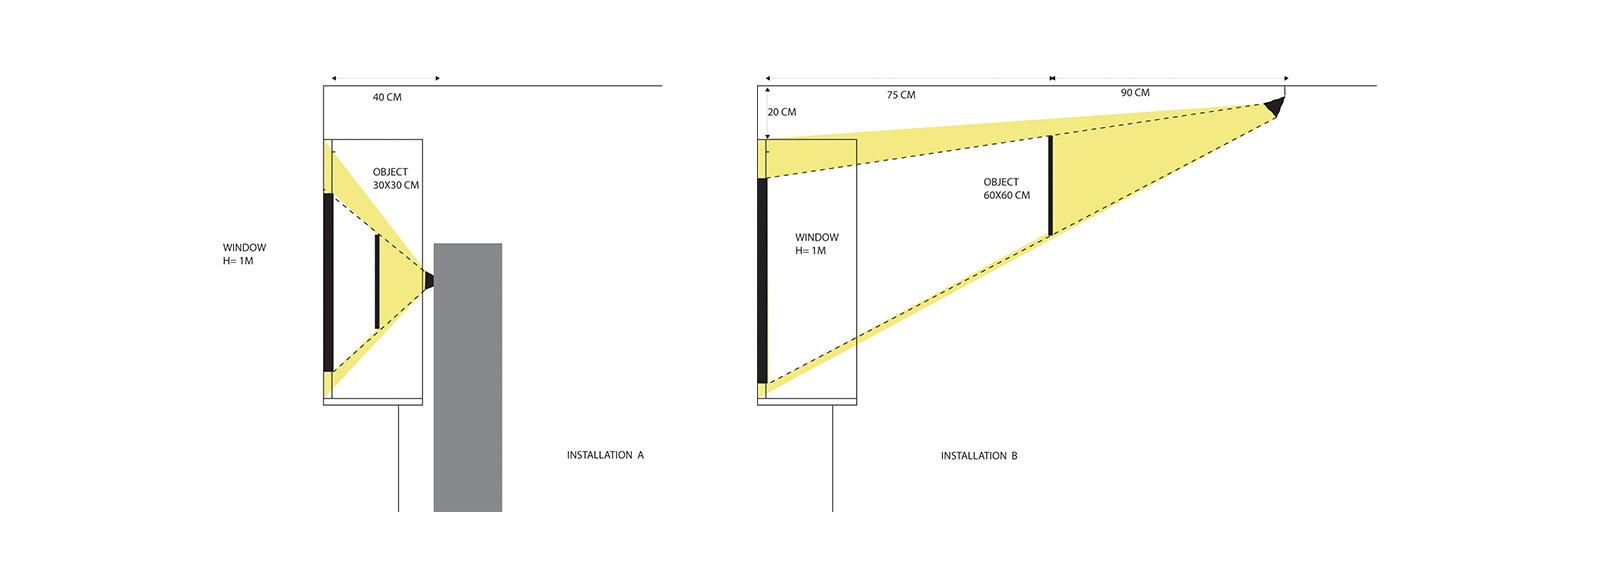 095_Scheltema_installation-diagramA_1600